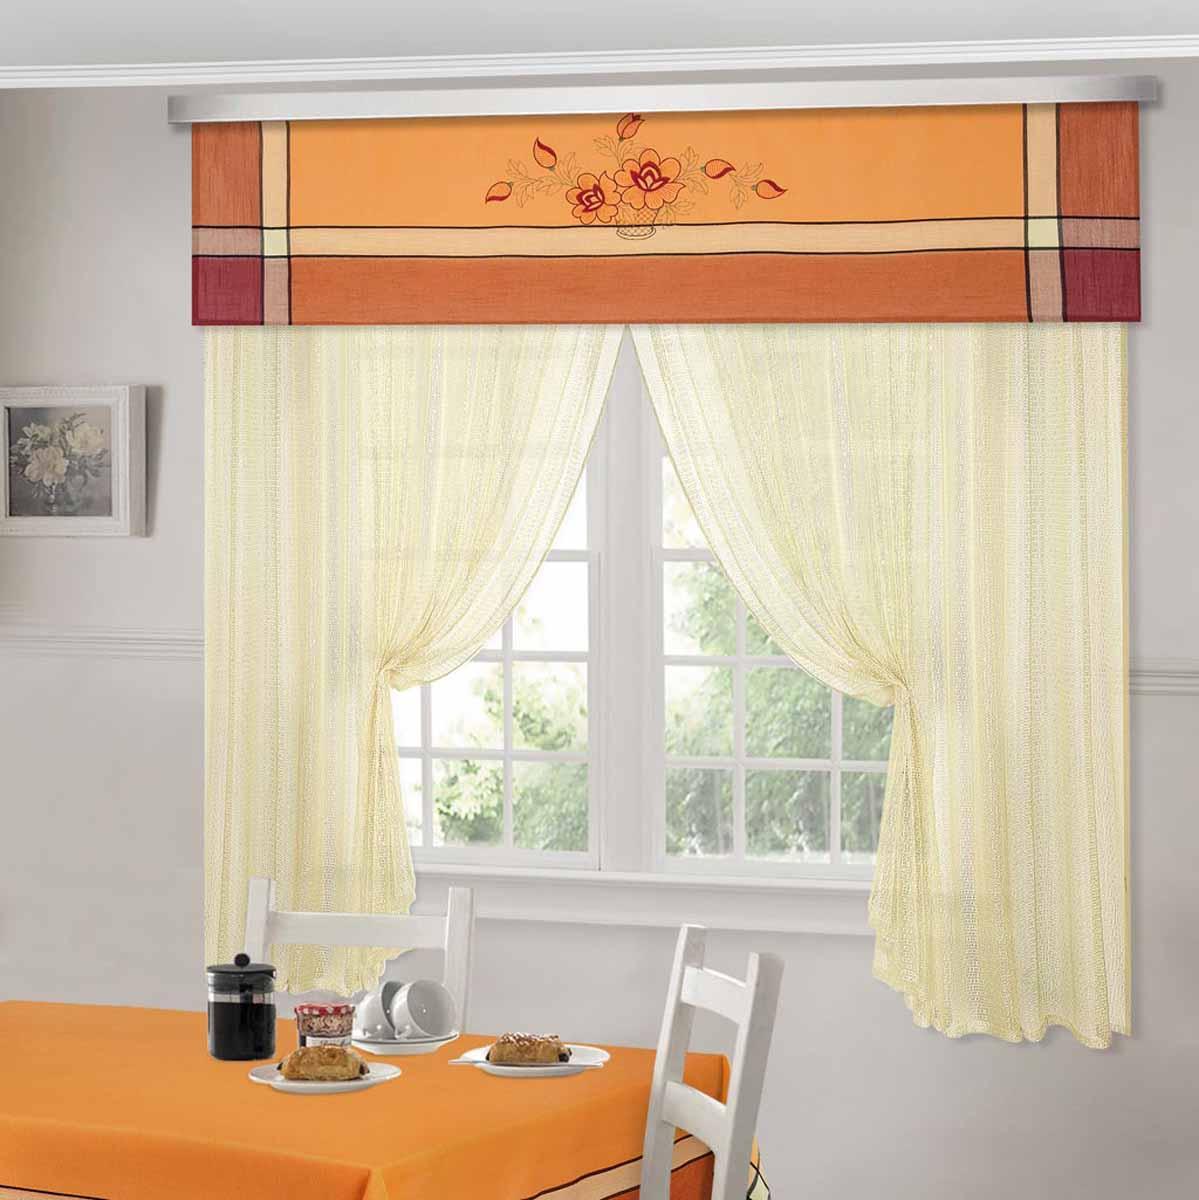 Комплект штор ТД Текстиль Шик, на ленте, цвет: оранжевый, высота 180 см. 9252892528Шторы выполнены из искусственной ткани под лен. Цвета в ассортименте. В наличии присутствуют скатерти из этой же ткани в двух размерах.